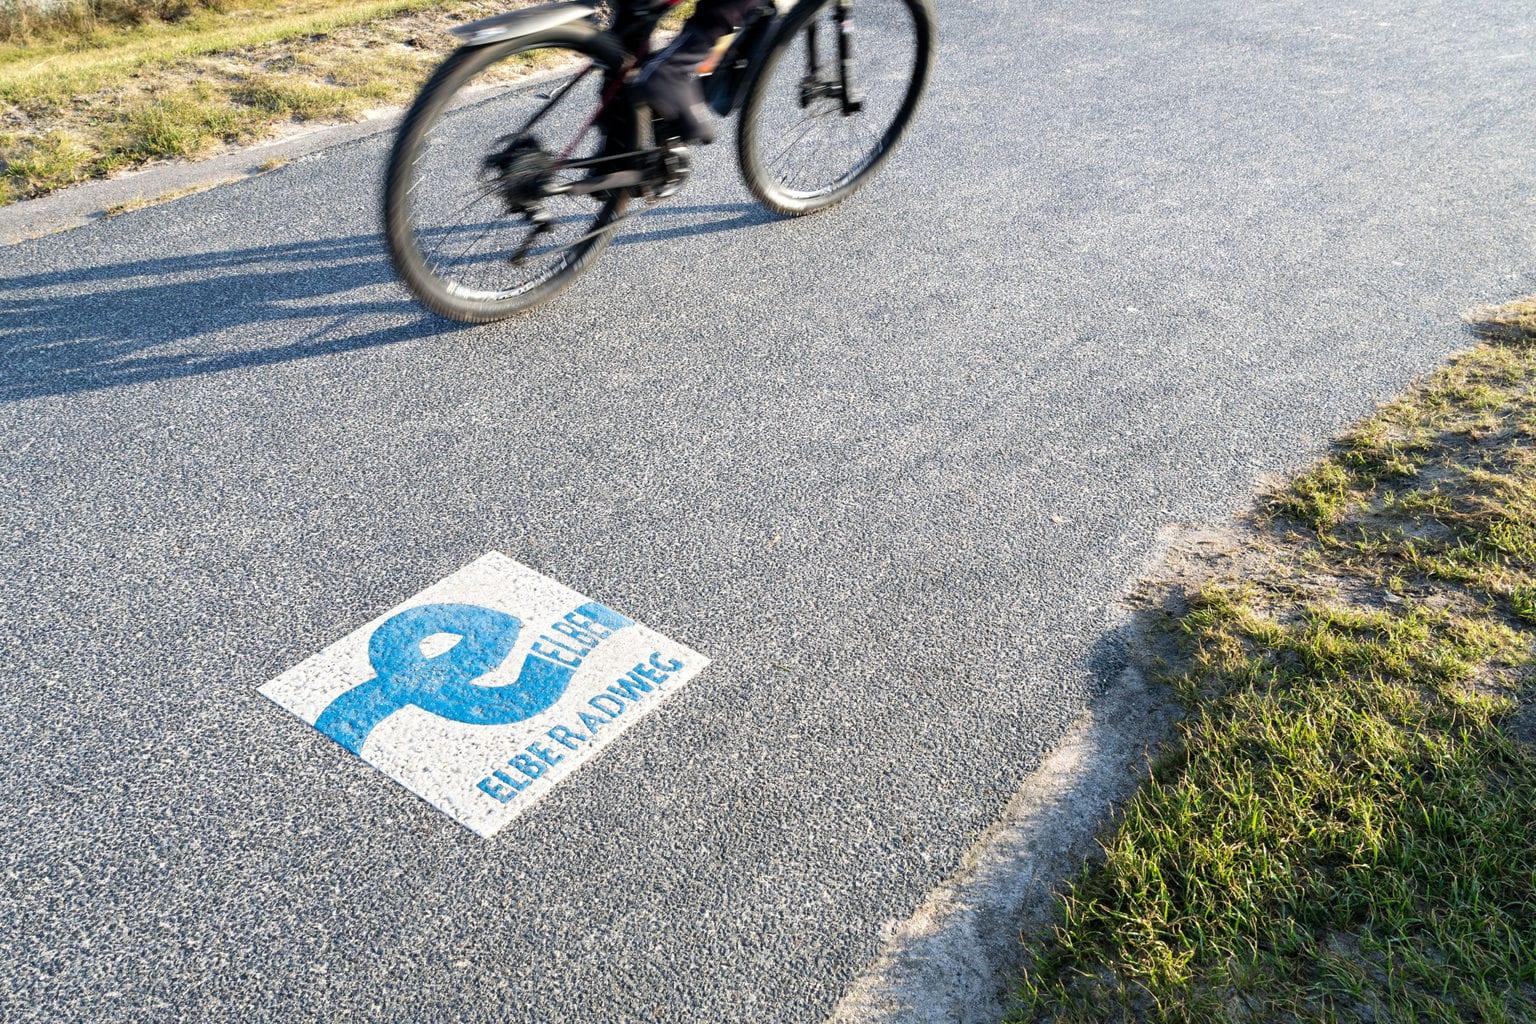 Een Markering van de Elbe-Radweg in Saksen kom je ondermeer tegen